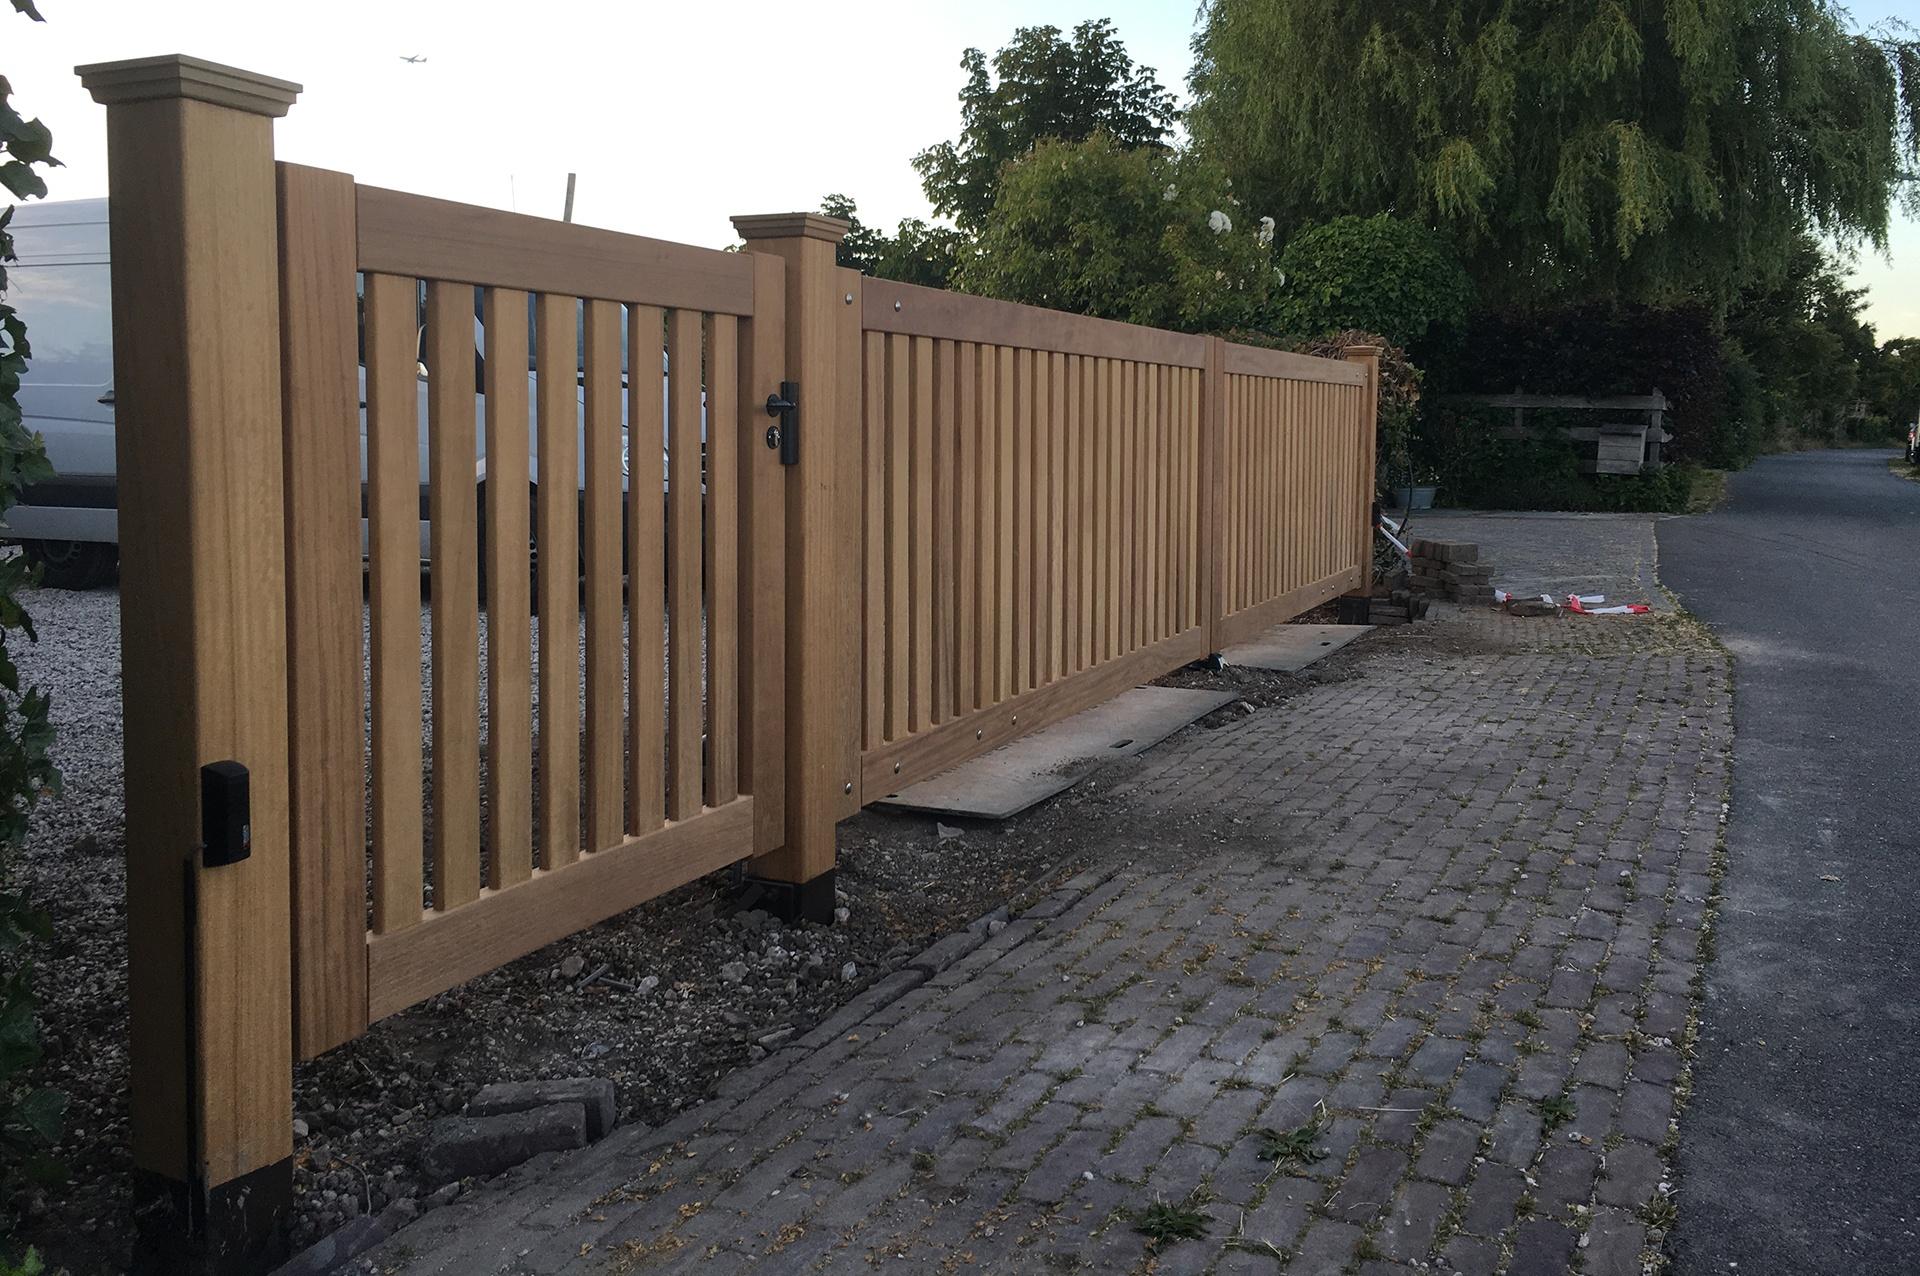 Moderne houten poort van Farm Poorten. Elektrische houten poort, draaipoort. Farm Poorten maakt houten hekken, houten poorten en houten hekwerk op maat. Duurzaam vakmanschap. Alles in één hand, van productie tot en met installatie en poortautomatisering.